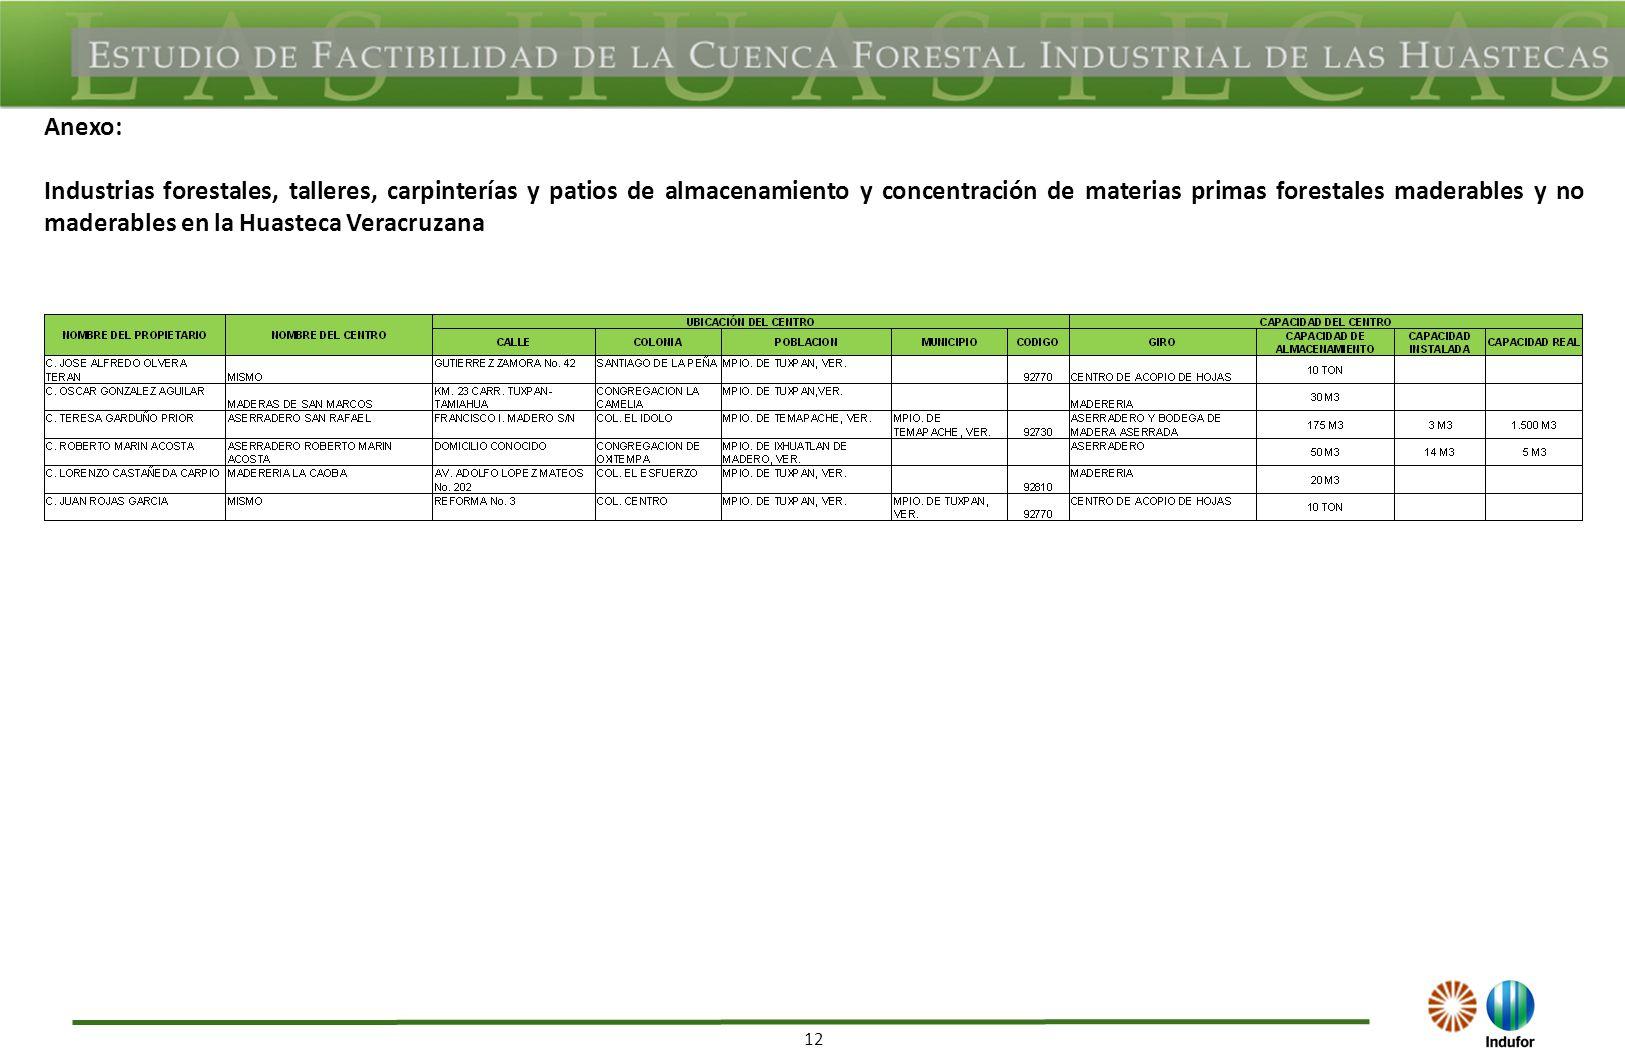 12 Anexo: Industrias forestales, talleres, carpinterías y patios de almacenamiento y concentración de materias primas forestales maderables y no maderables en la Huasteca Veracruzana